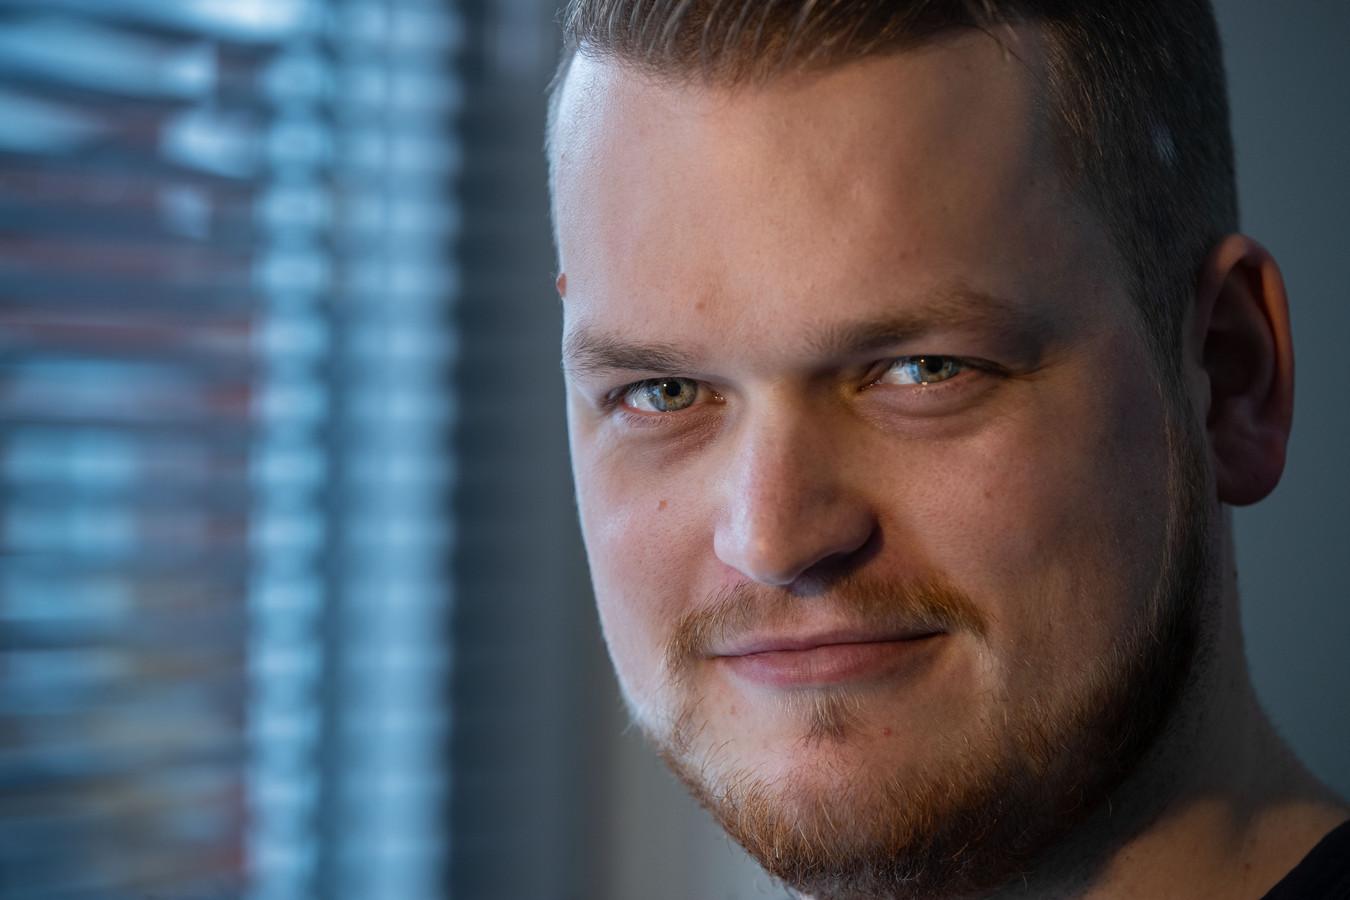 """Michiel van den Berg ondergaat als eerste een nieuwe gentherapie die moet voorkomen dat hij blind wordt: ,,Het voelt als een enorm cadeau."""""""